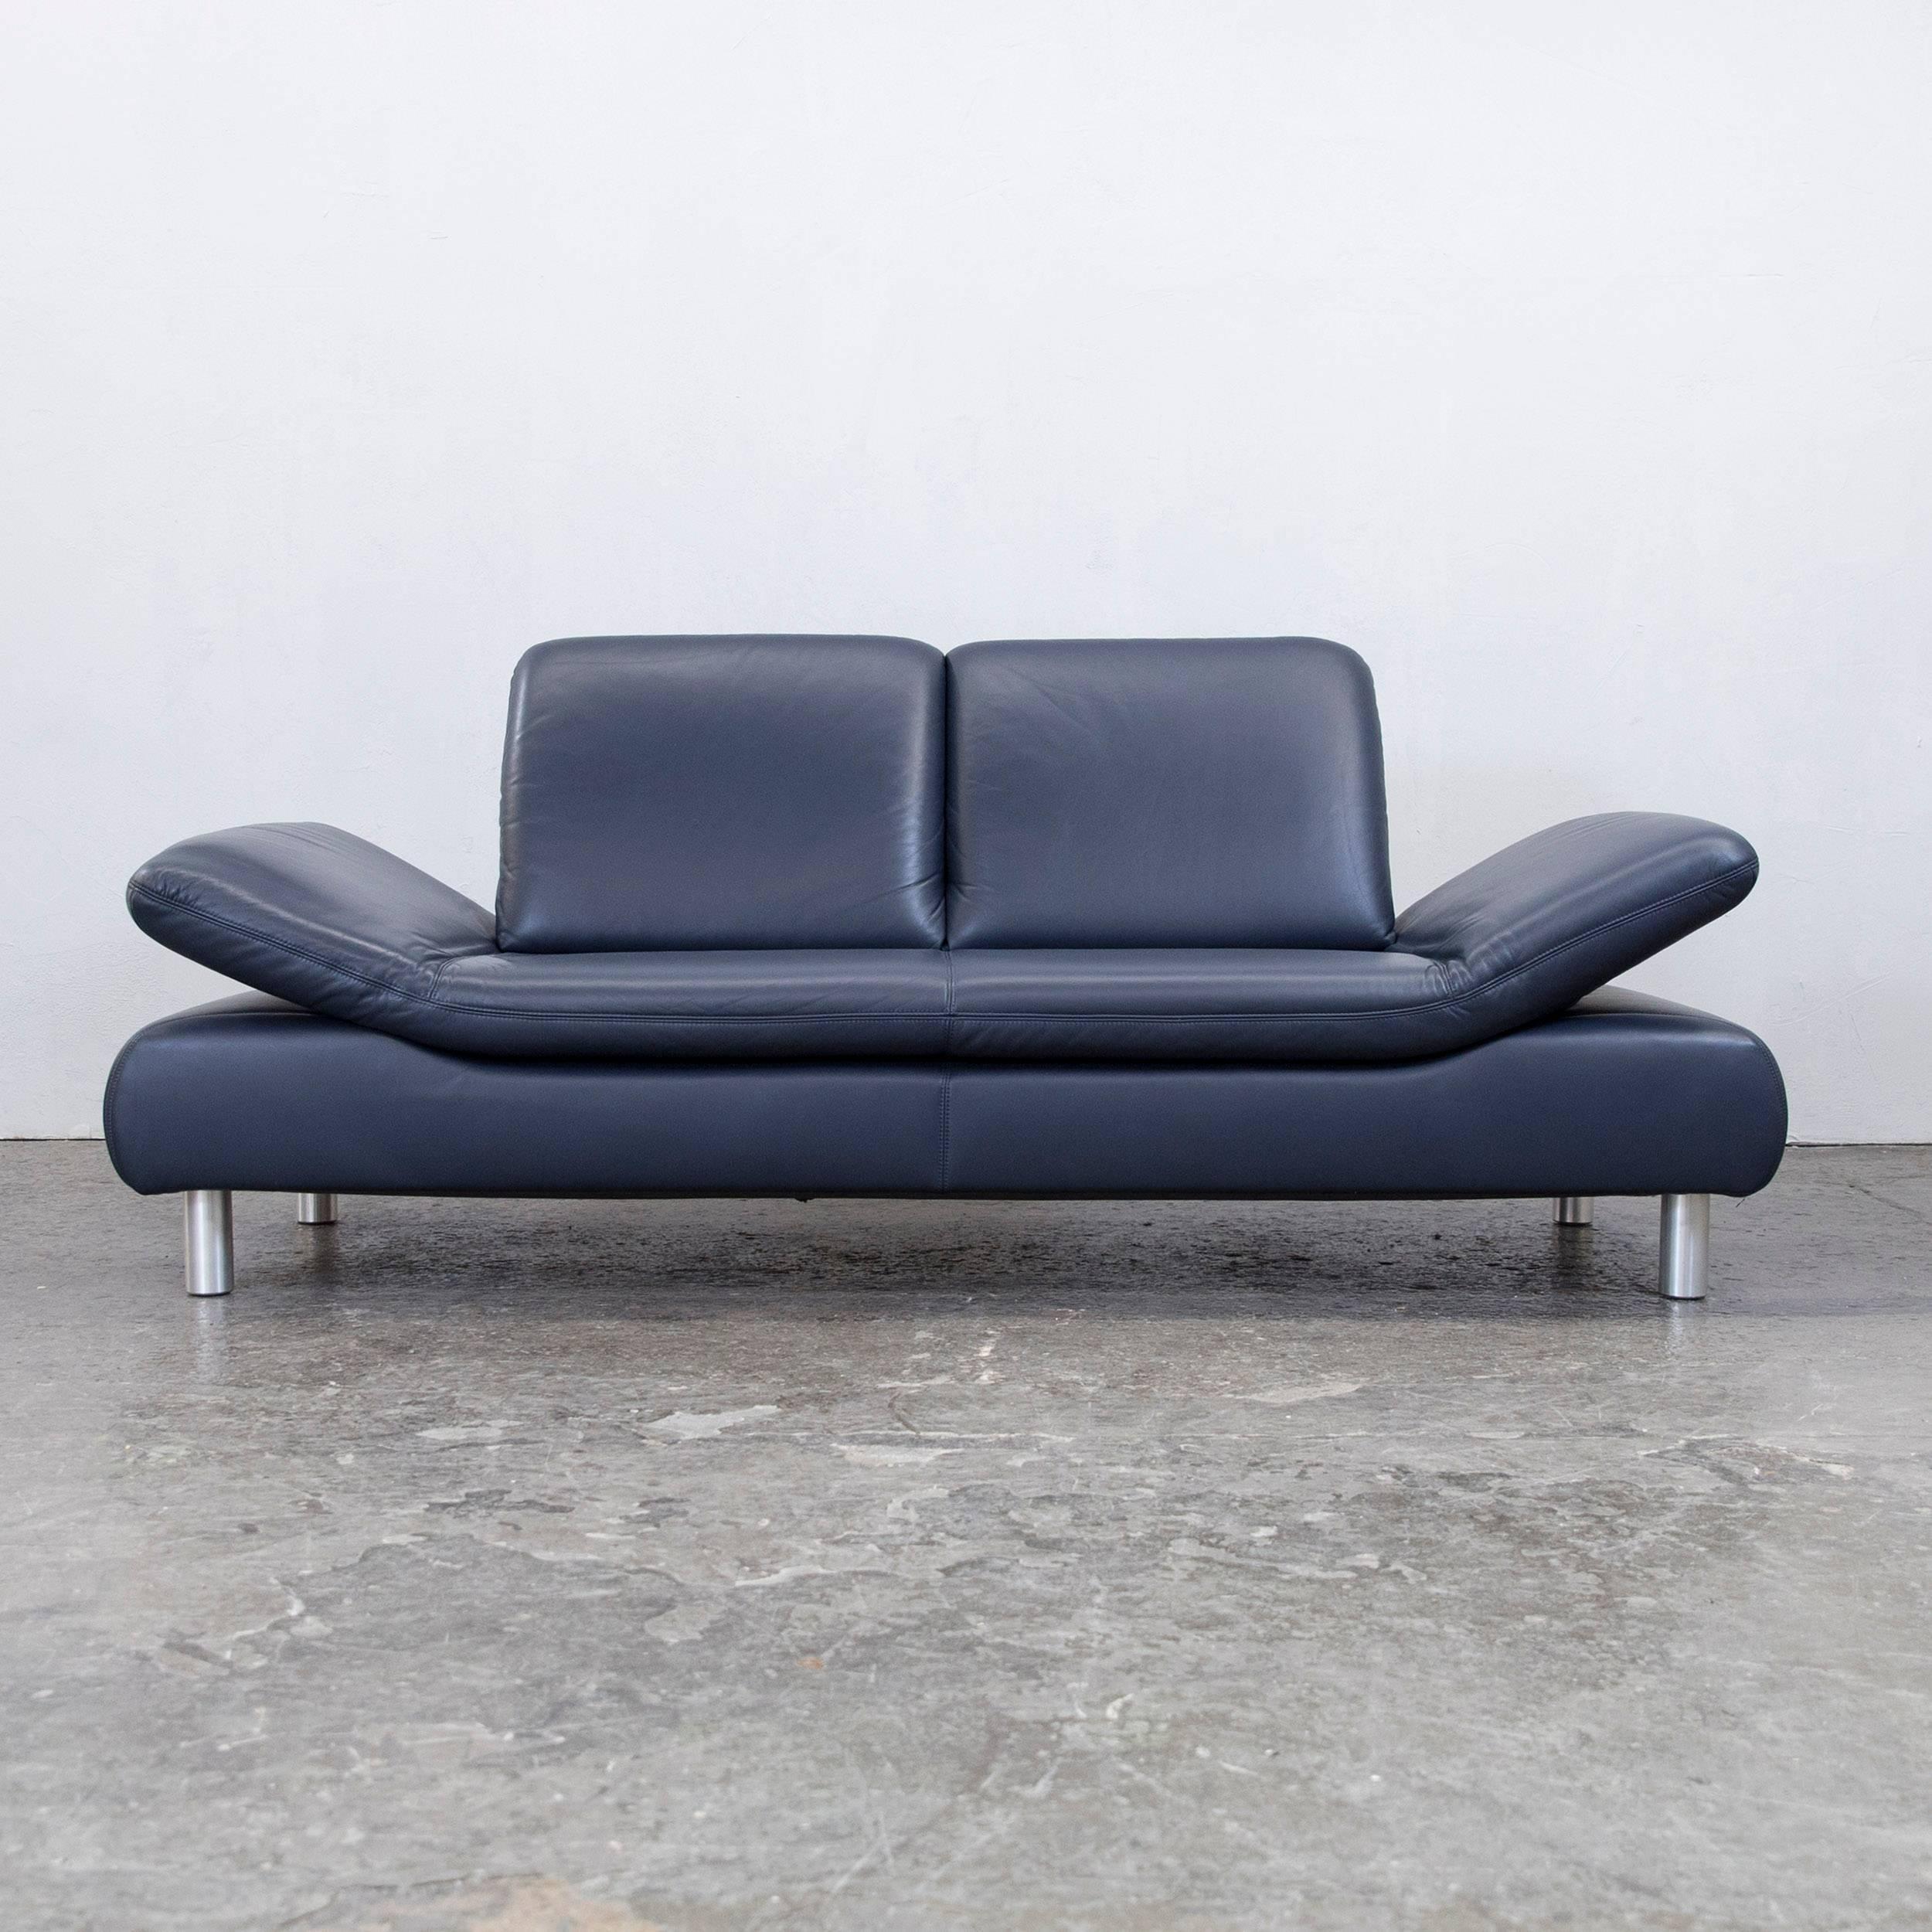 designer sofa leder le corbusier er designer sofa dklbraun leder with designer sofa leder. Black Bedroom Furniture Sets. Home Design Ideas